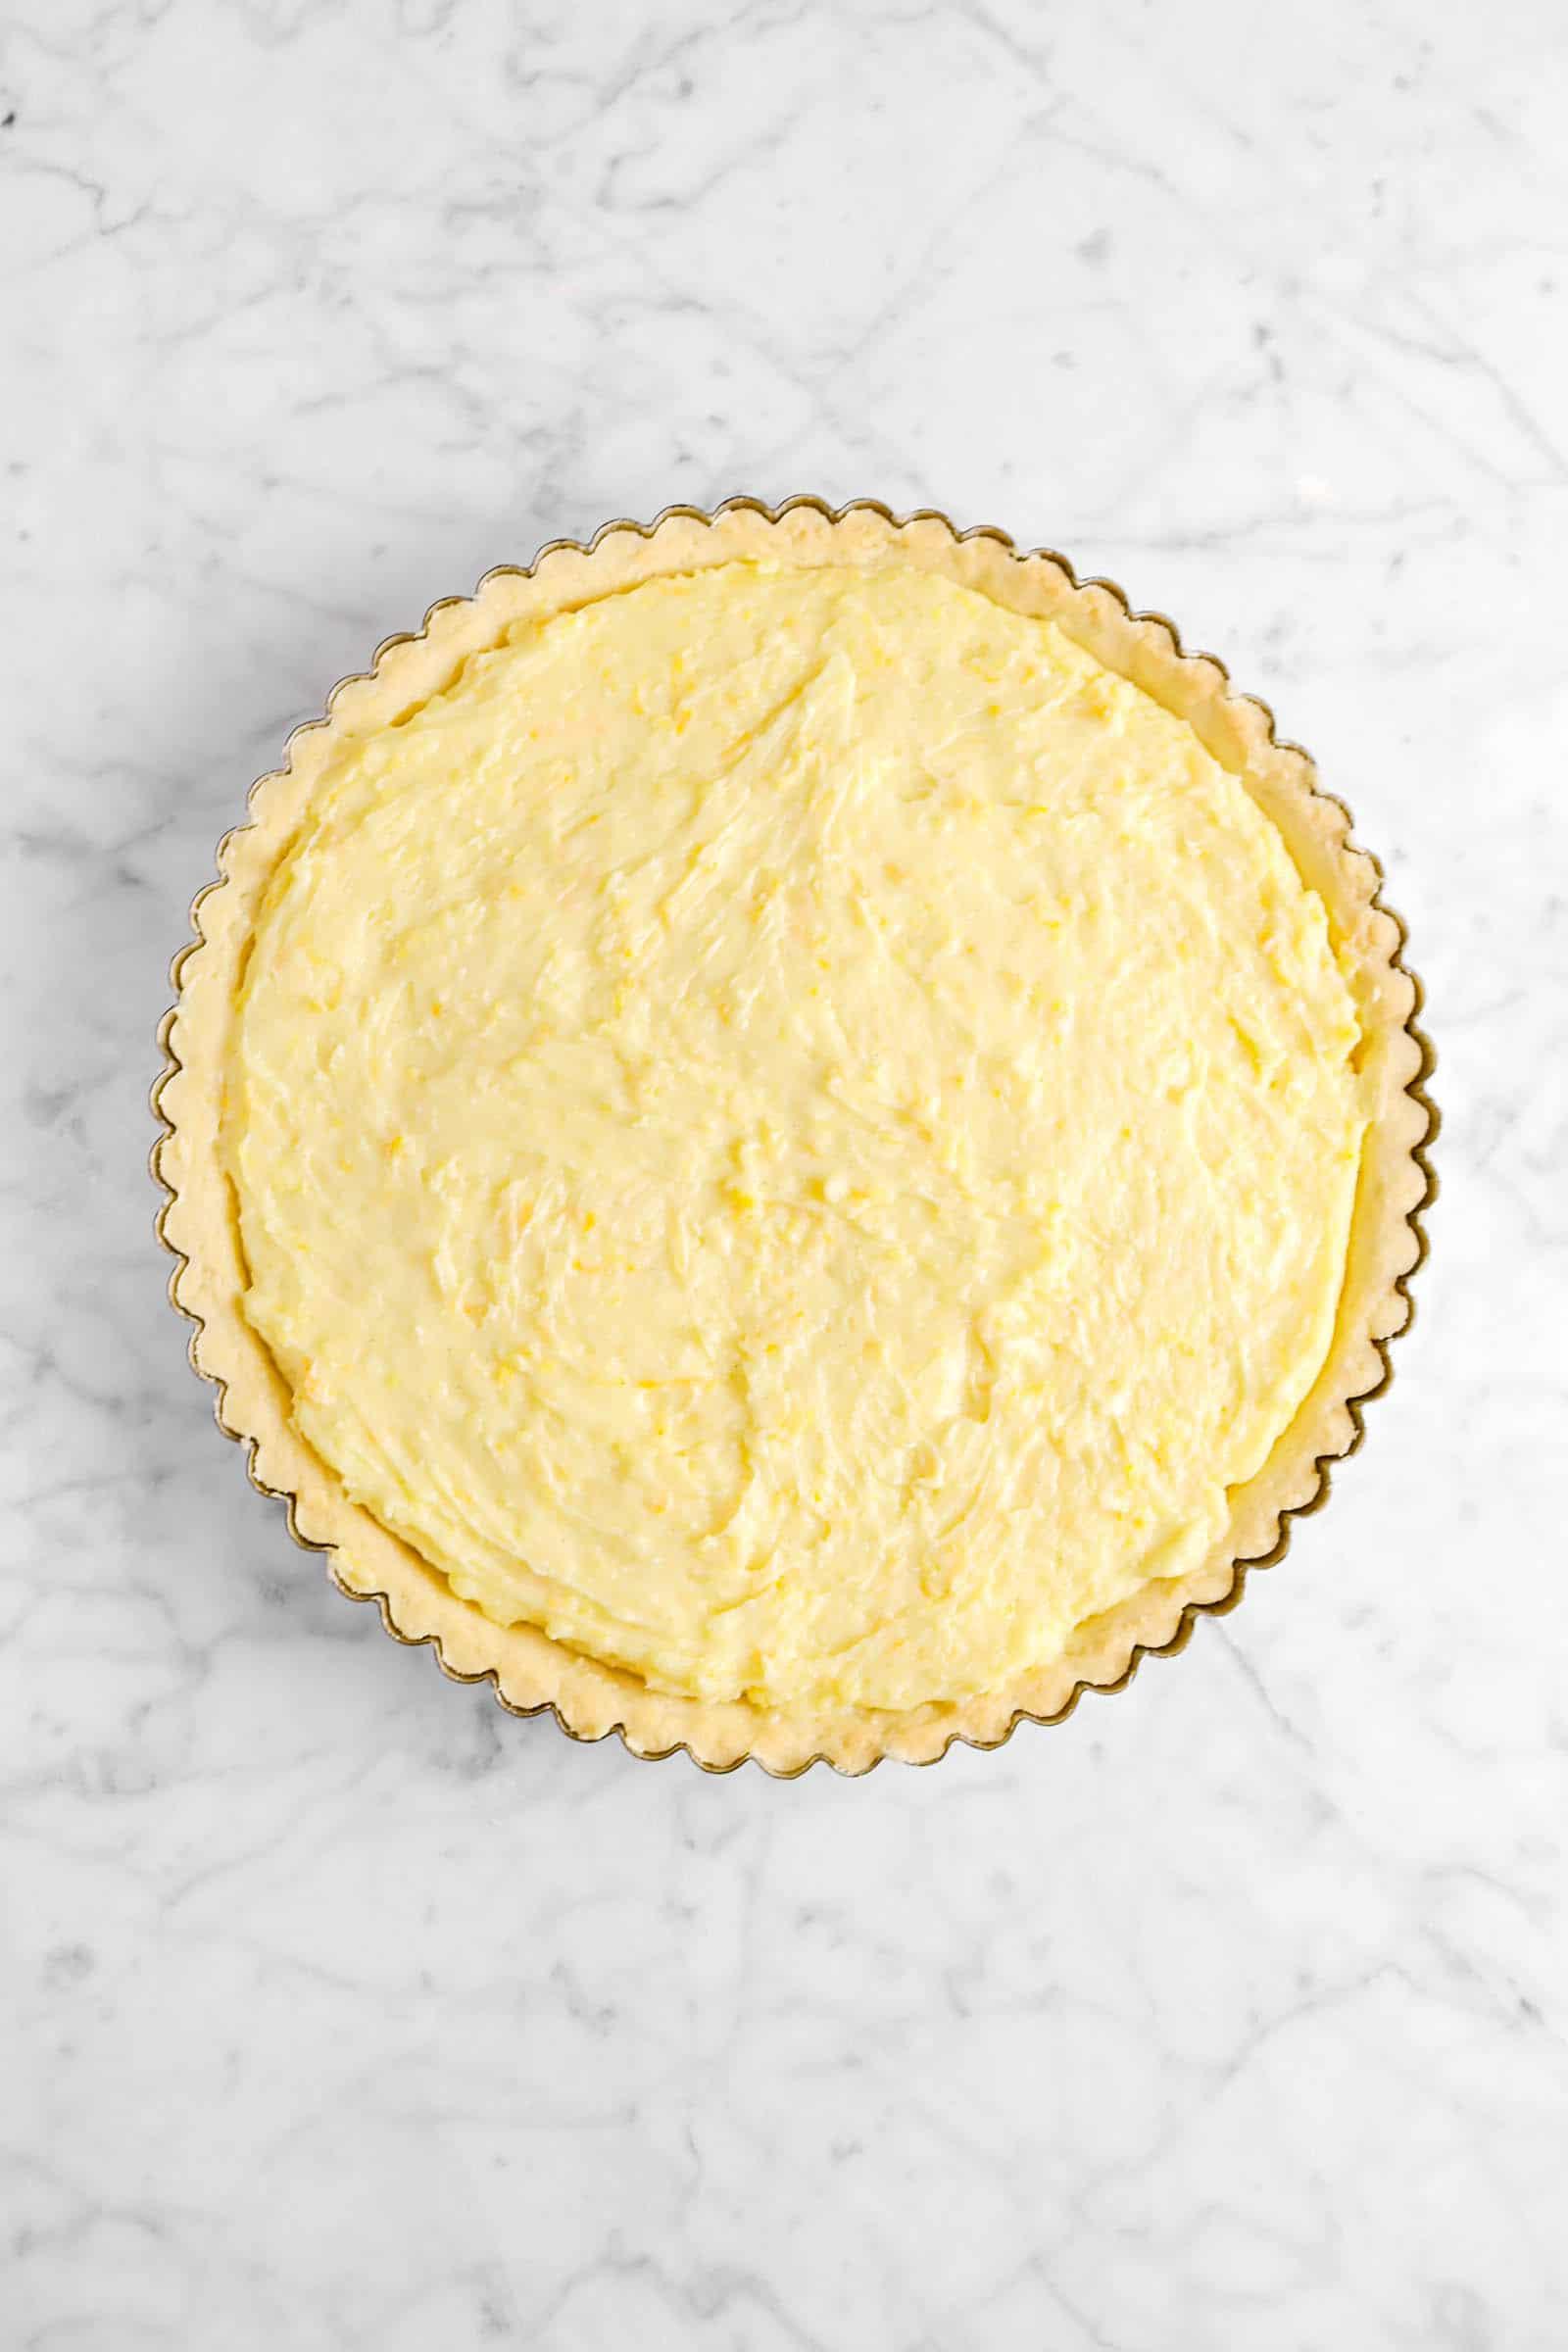 custard in tart shell on marble counter